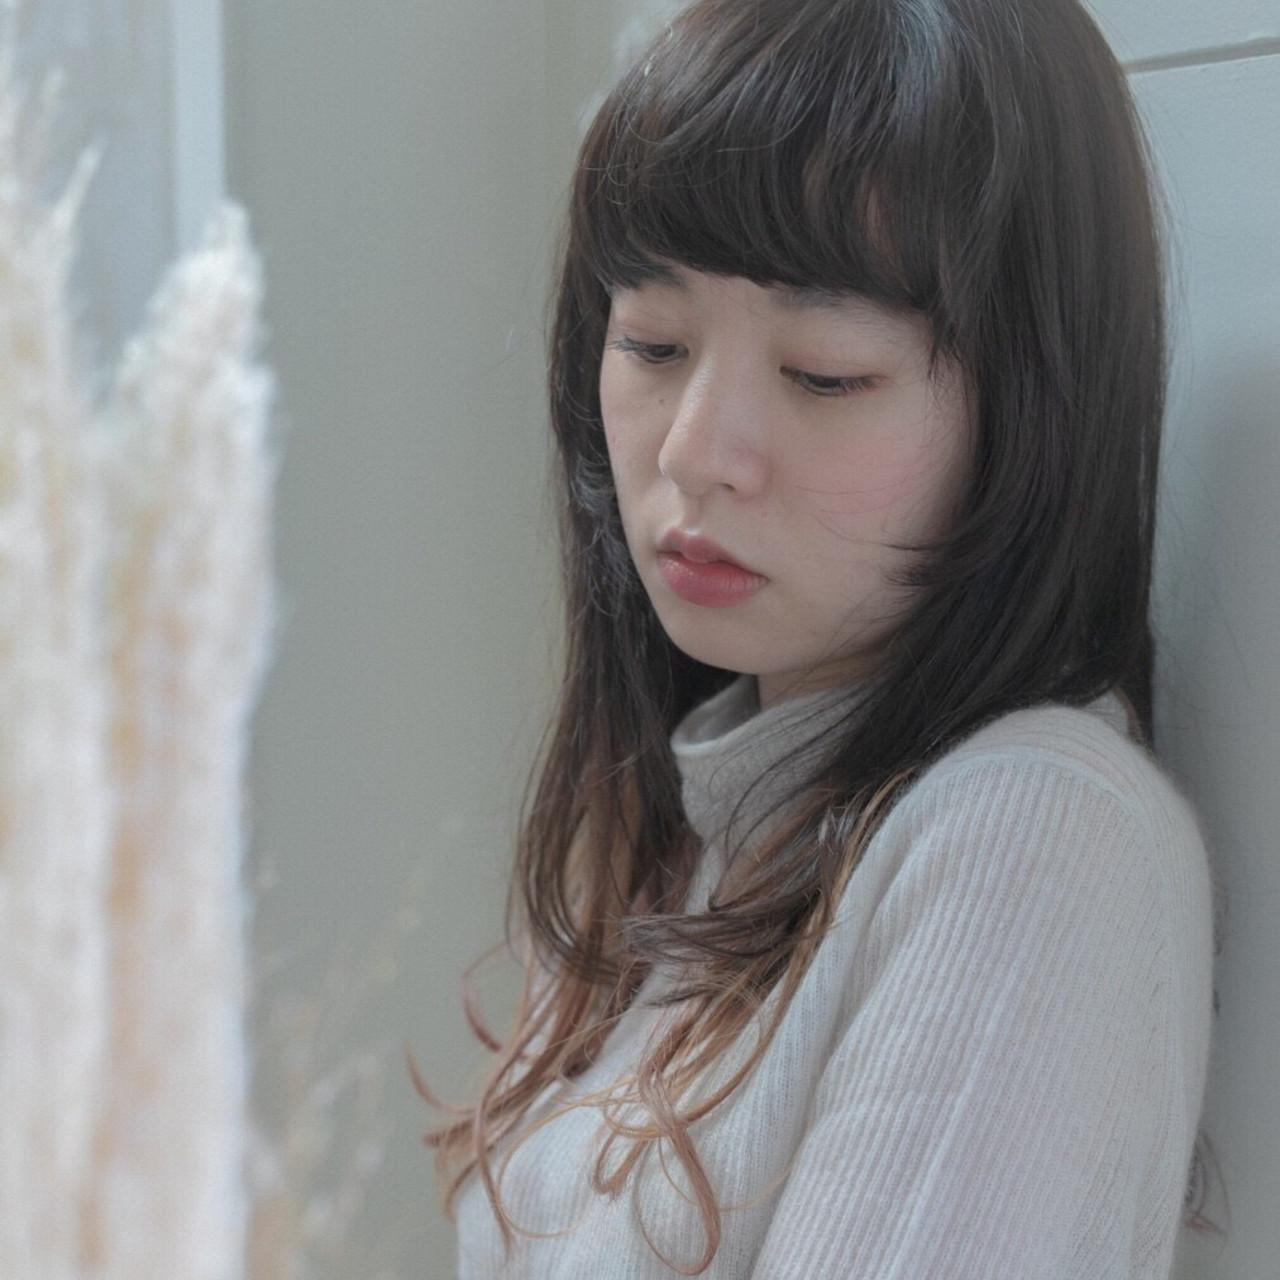 重めで落ち着きのある上品なネオウルフ Emiko Nakanishi